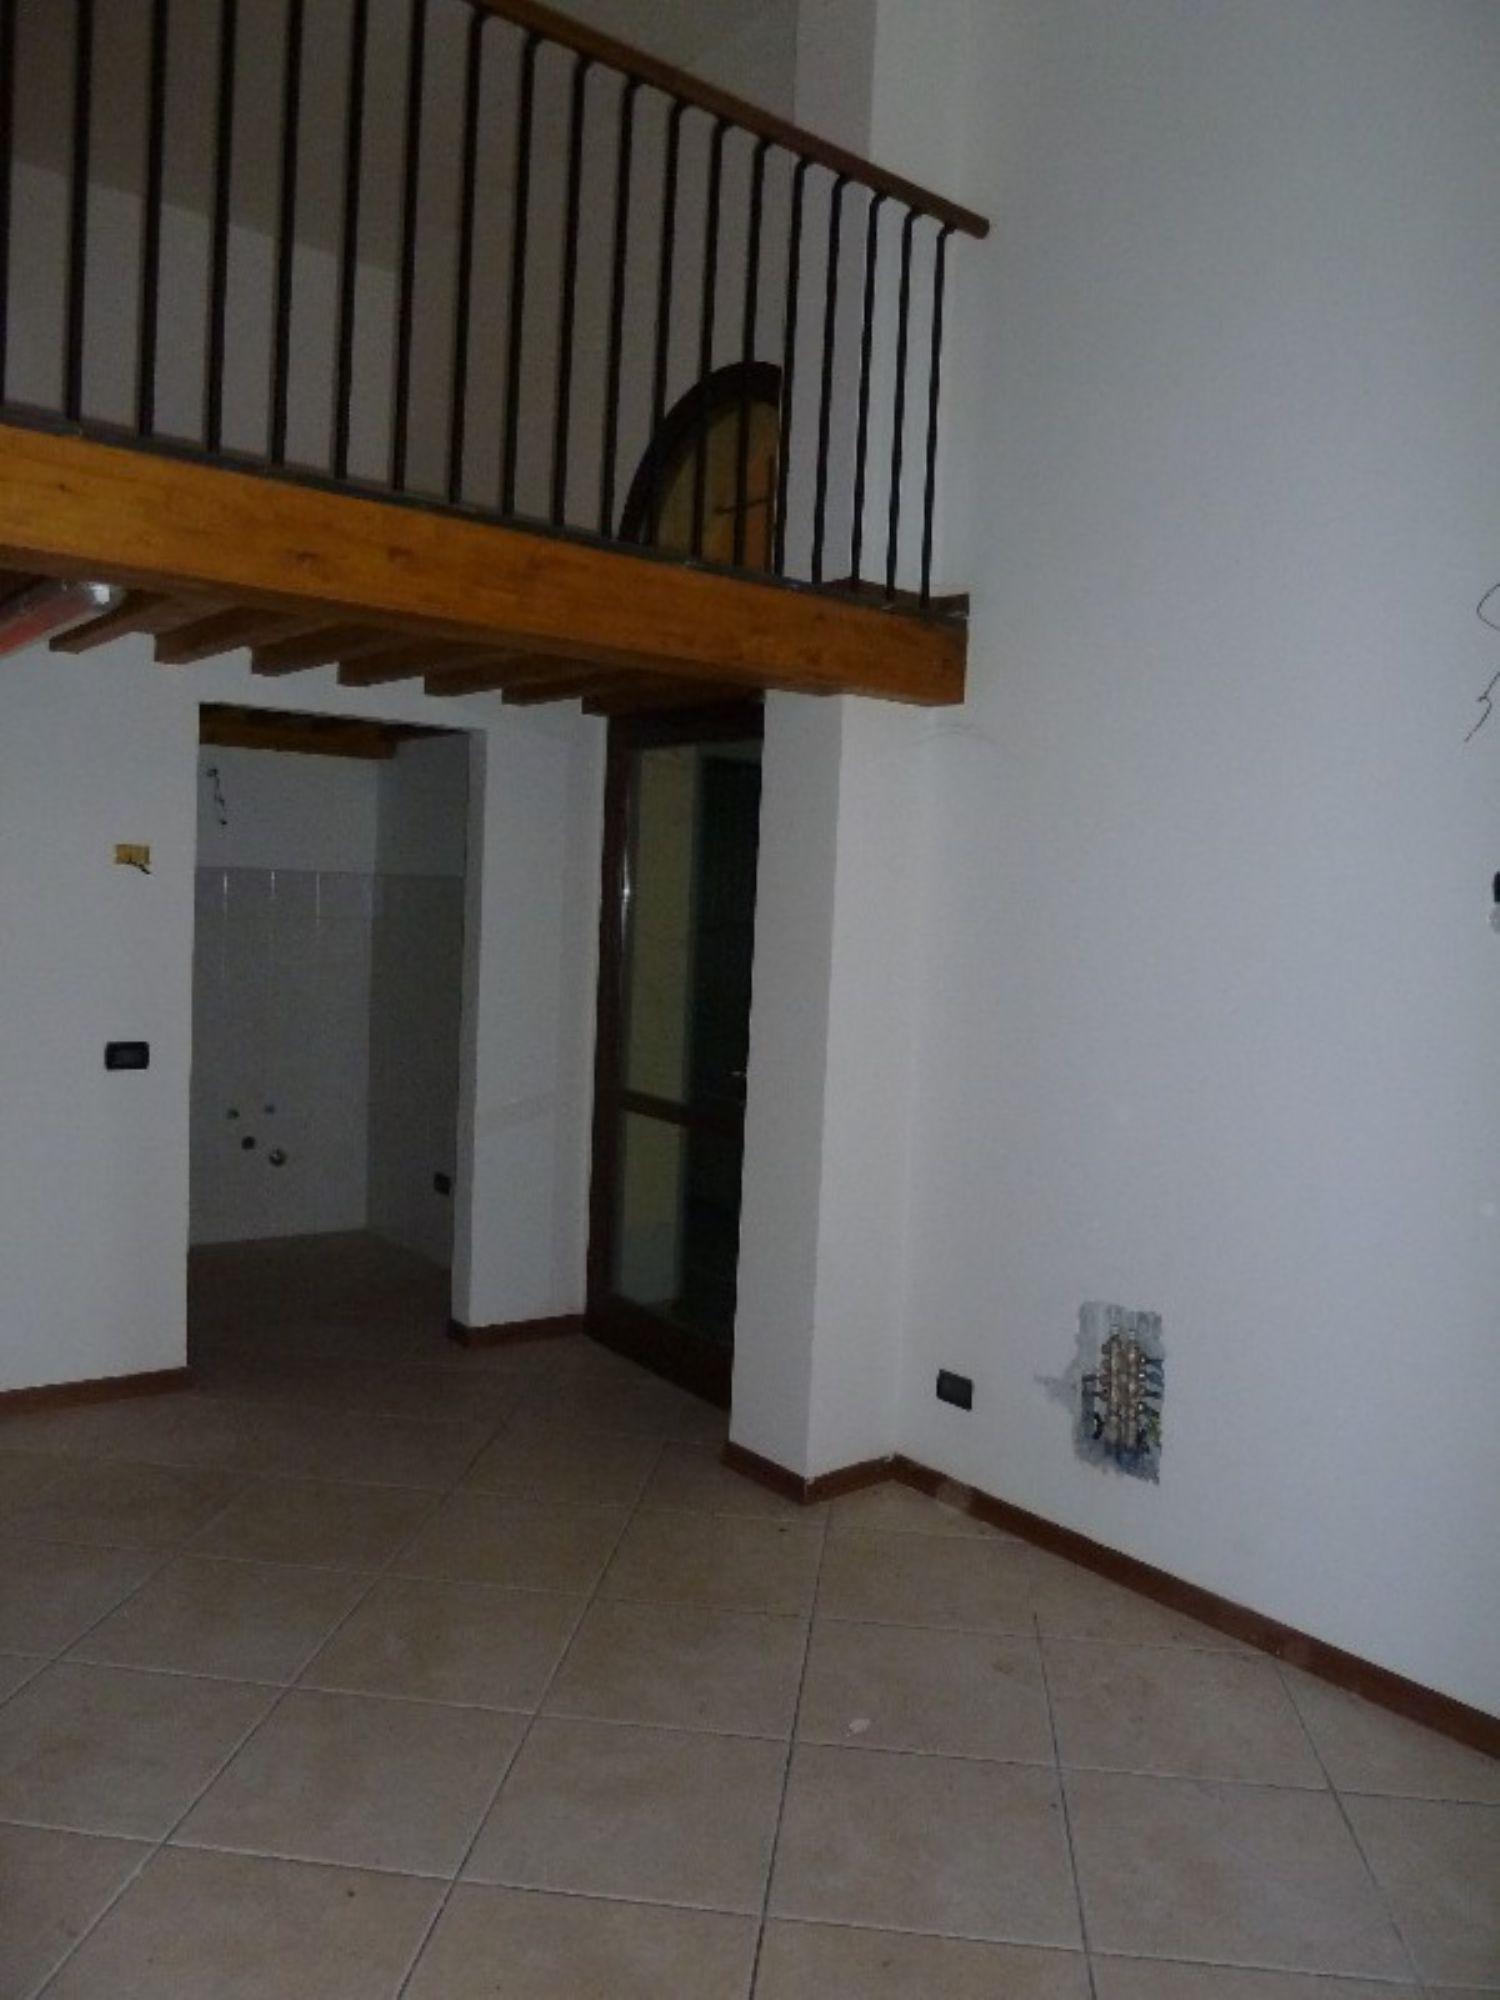 Ufficio / Studio in affitto a Sant'Agata Bolognese, 9999 locali, prezzo € 400 | Cambio Casa.it